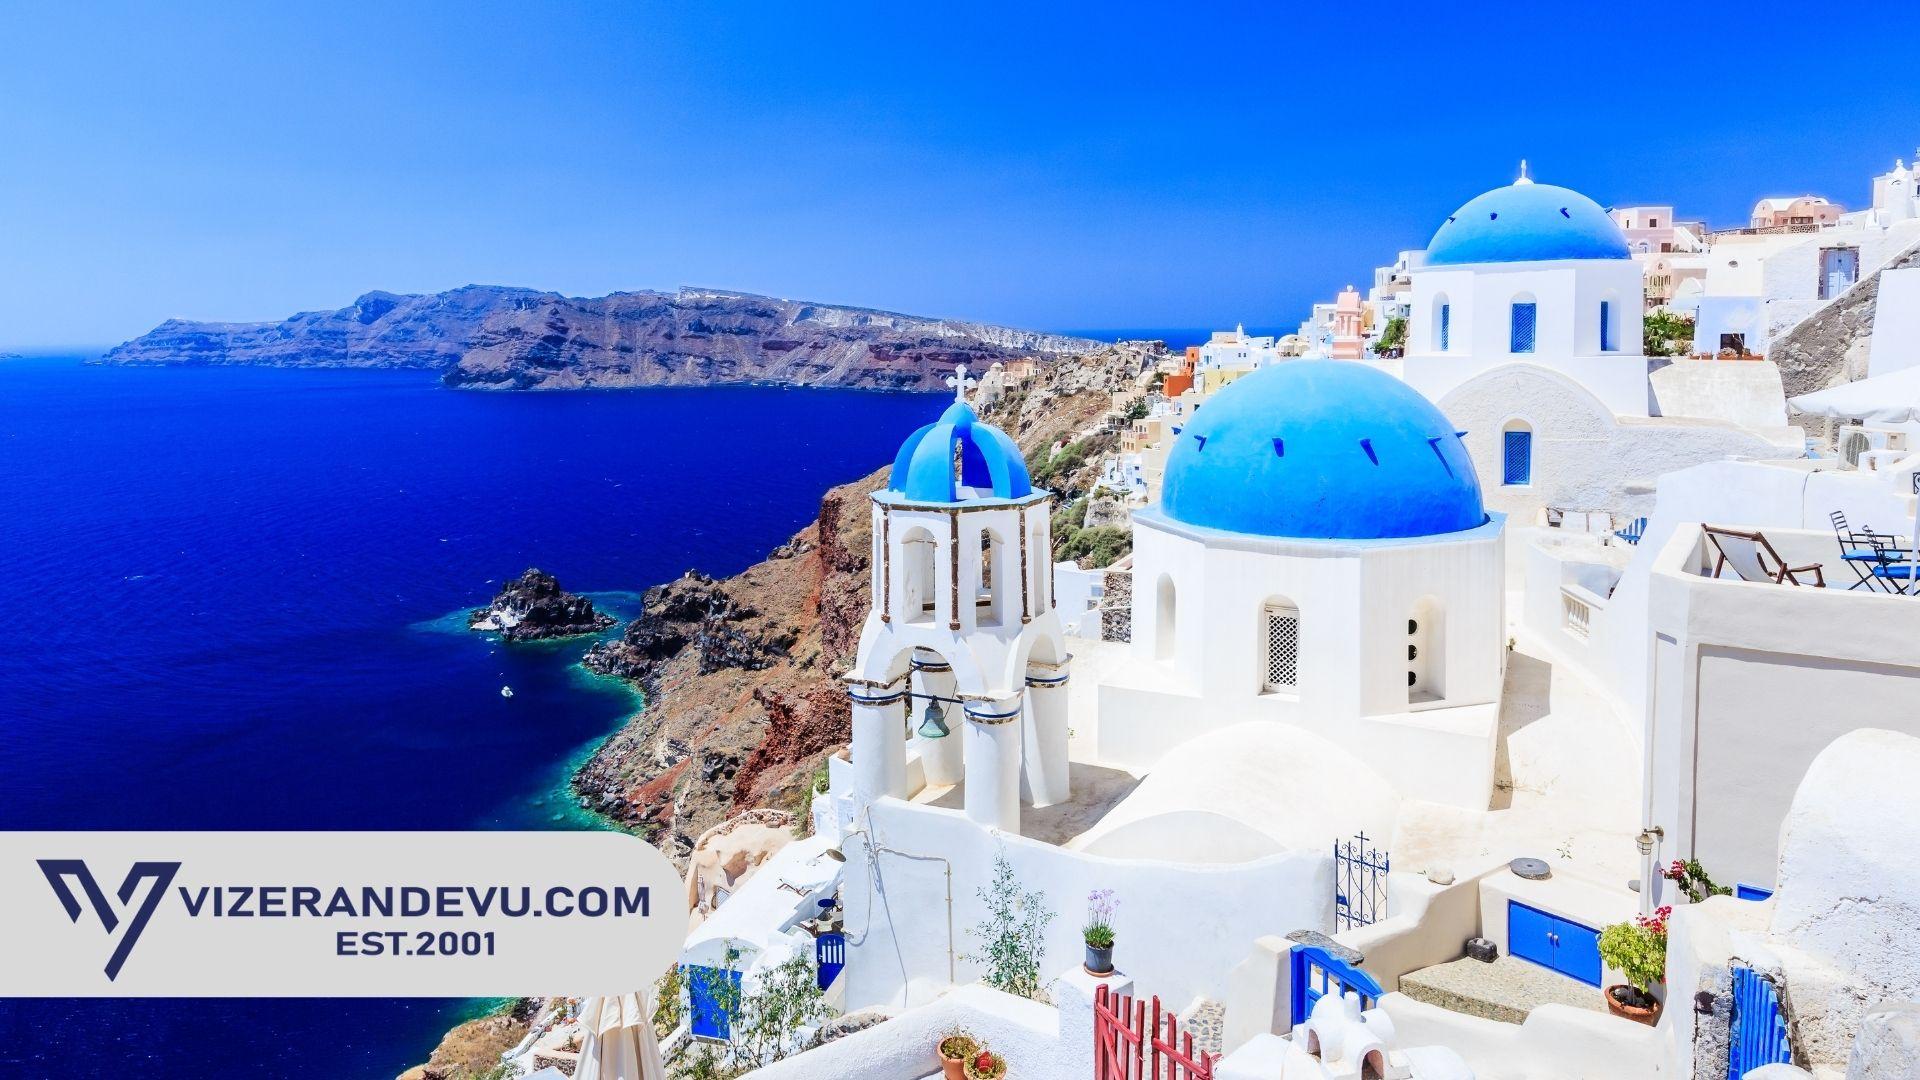 Yunanistan - Vize İşlemleri